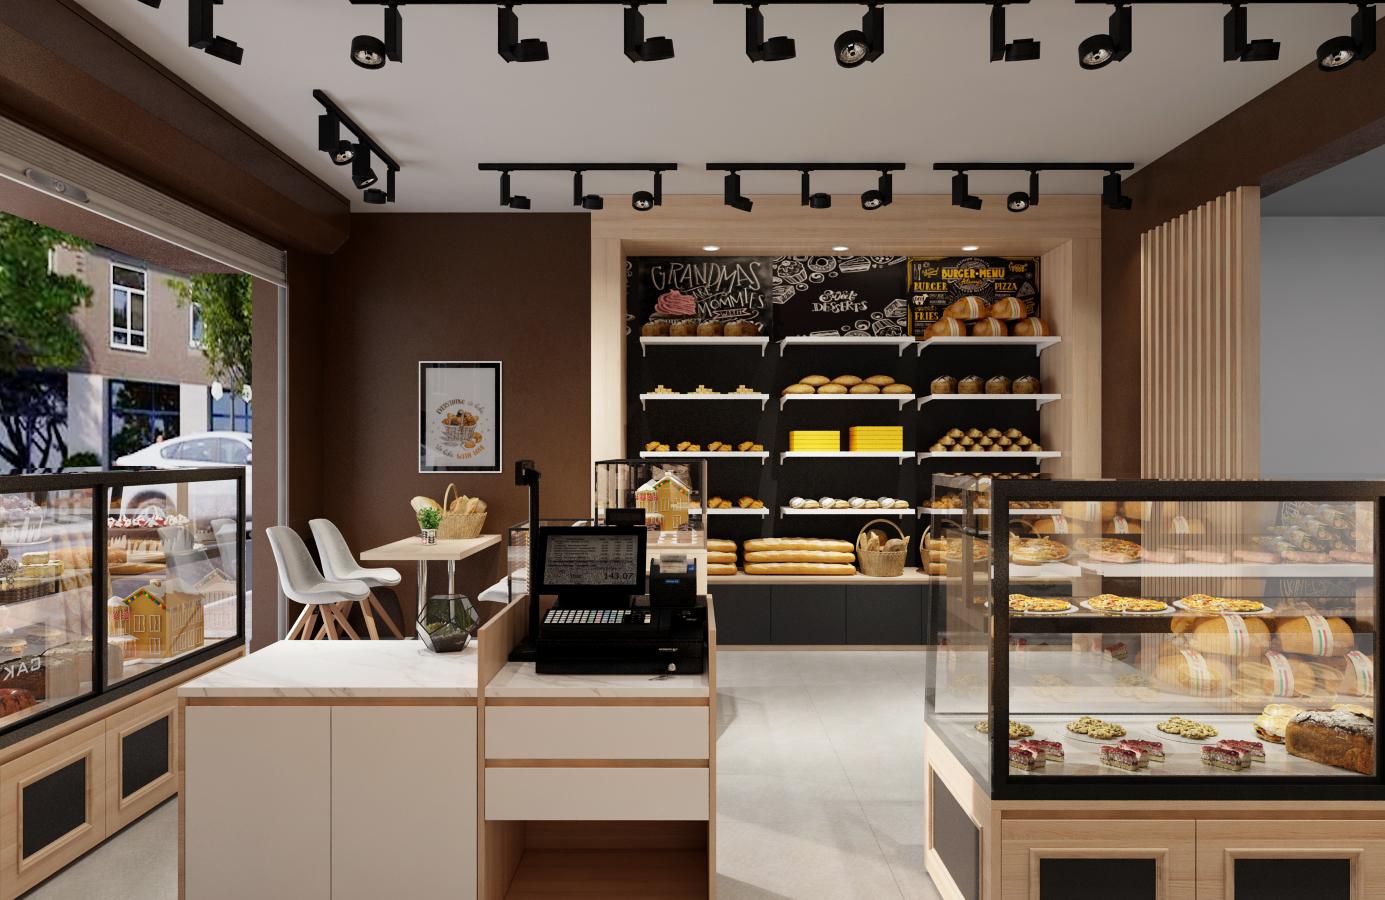 Thiết kế nội thất Nhà Hàng tại Hà Nội Đức Liên Bakery 1573645797 6